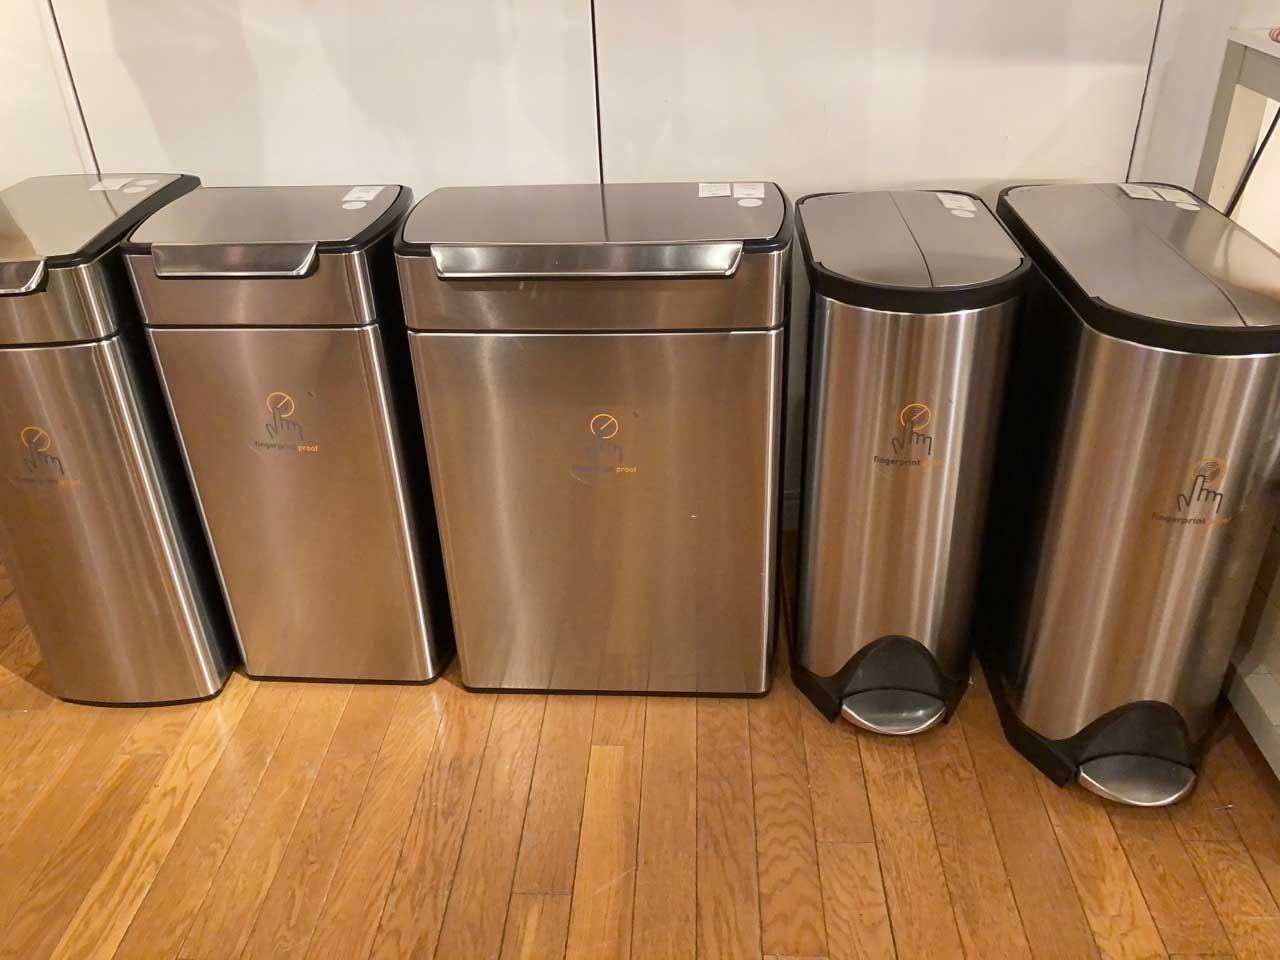 ゴミ箱製品は各社非常に多くのラインナップ